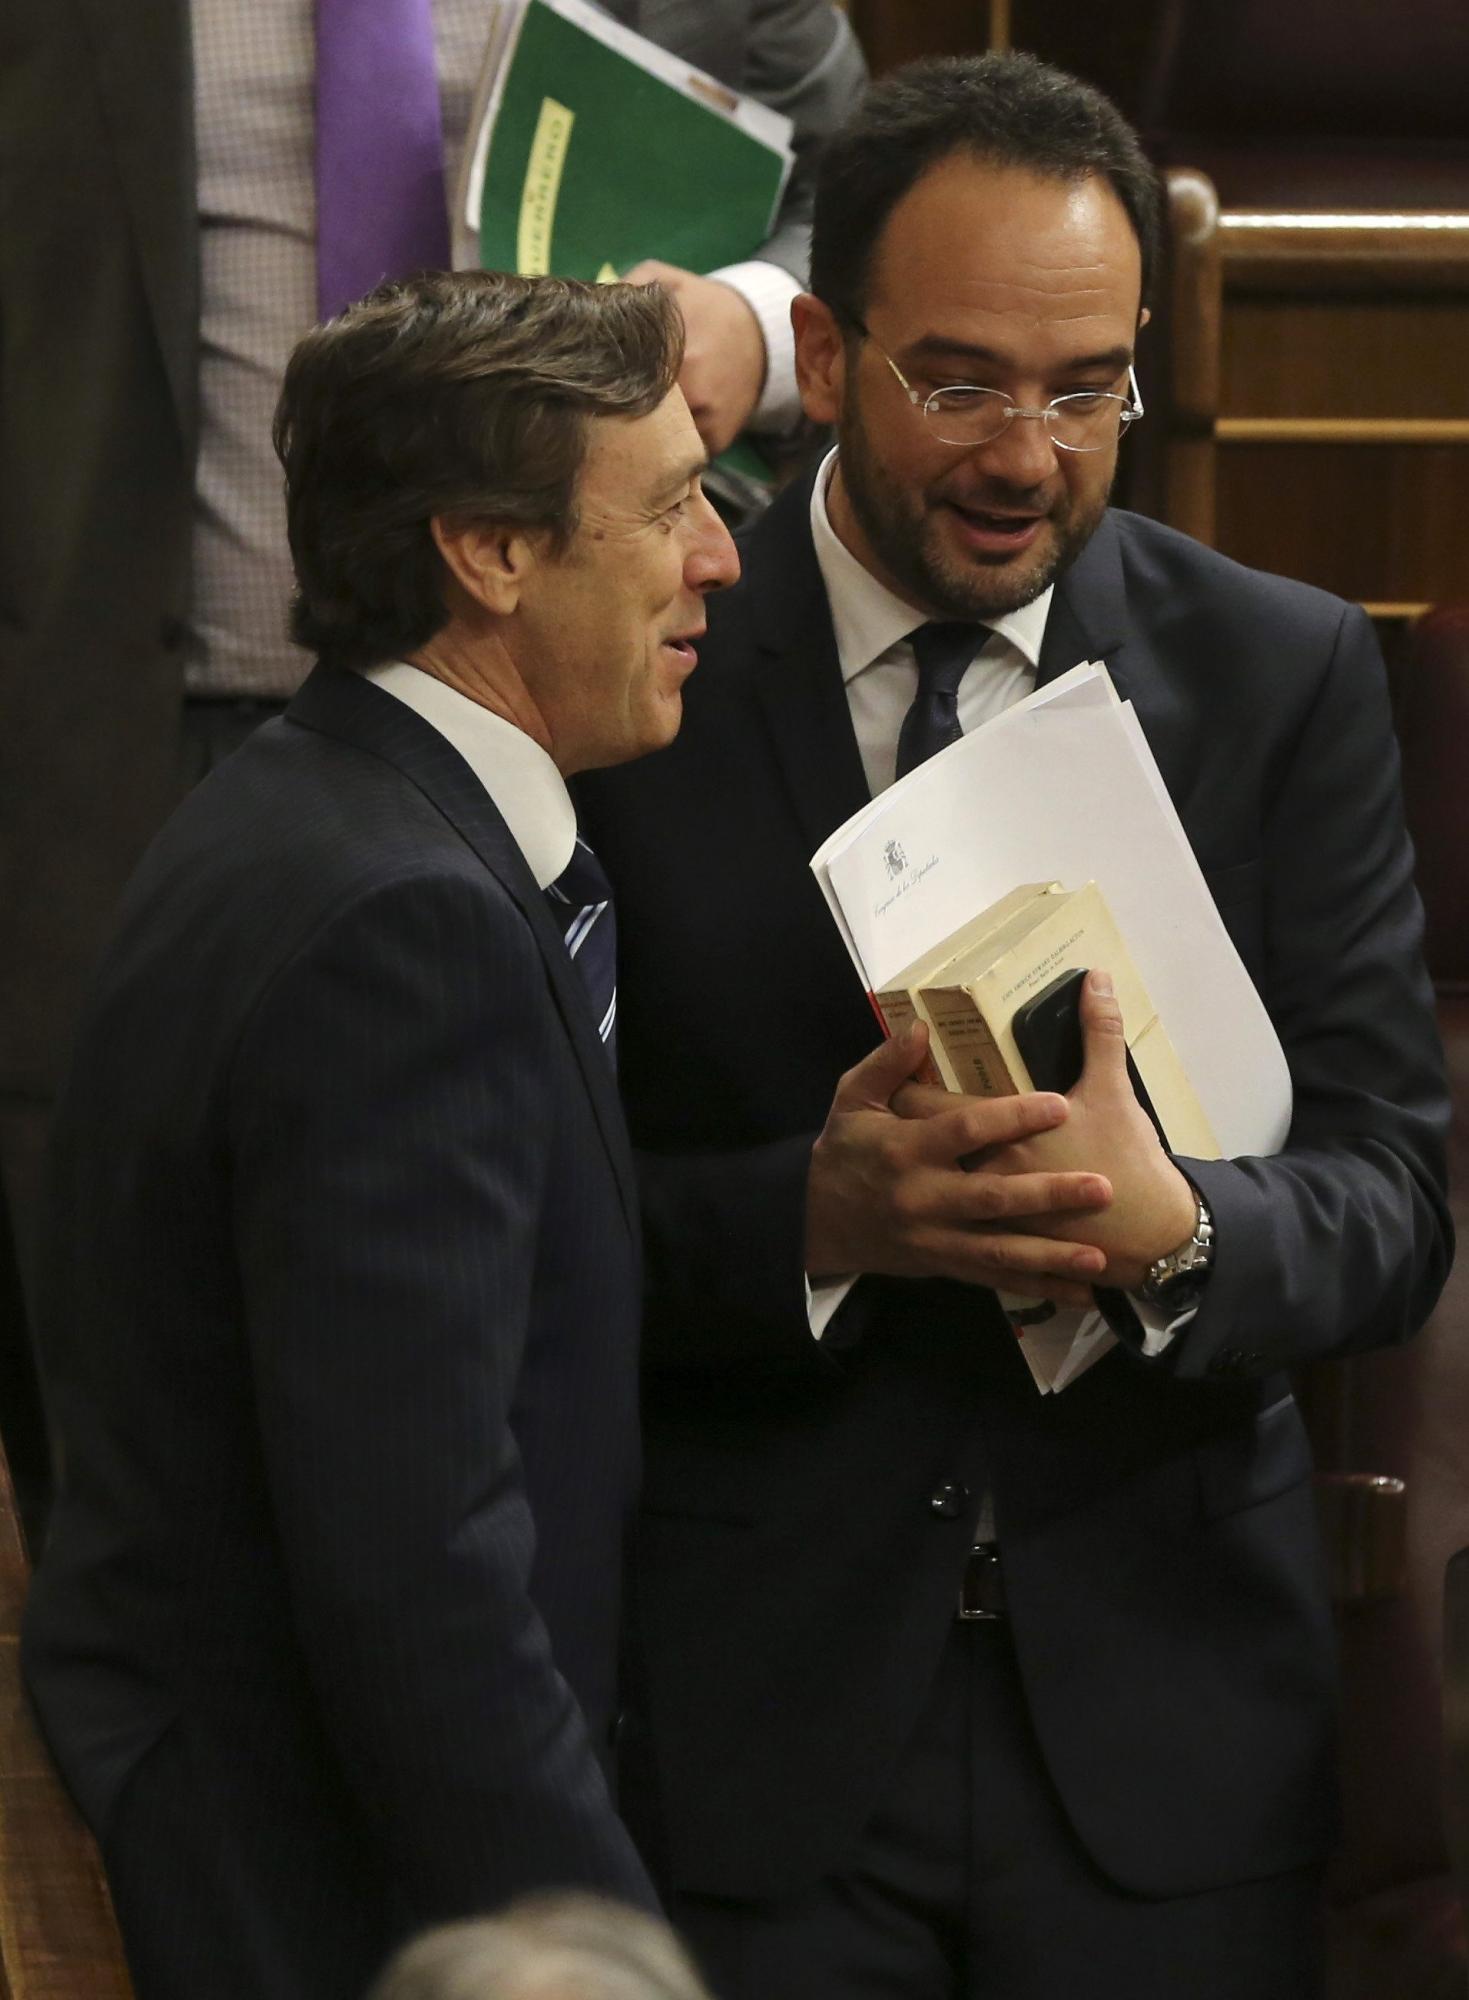 Los portavoces en el Congreso de los Diputados del PP, Rafael Hernando, y del PSOE, Antonio Hernando, conversan tras la última sesión de control al Gobierno con la que la Cámara Baja ha puesto fin a la X legislatura. EFE/Ballesteros